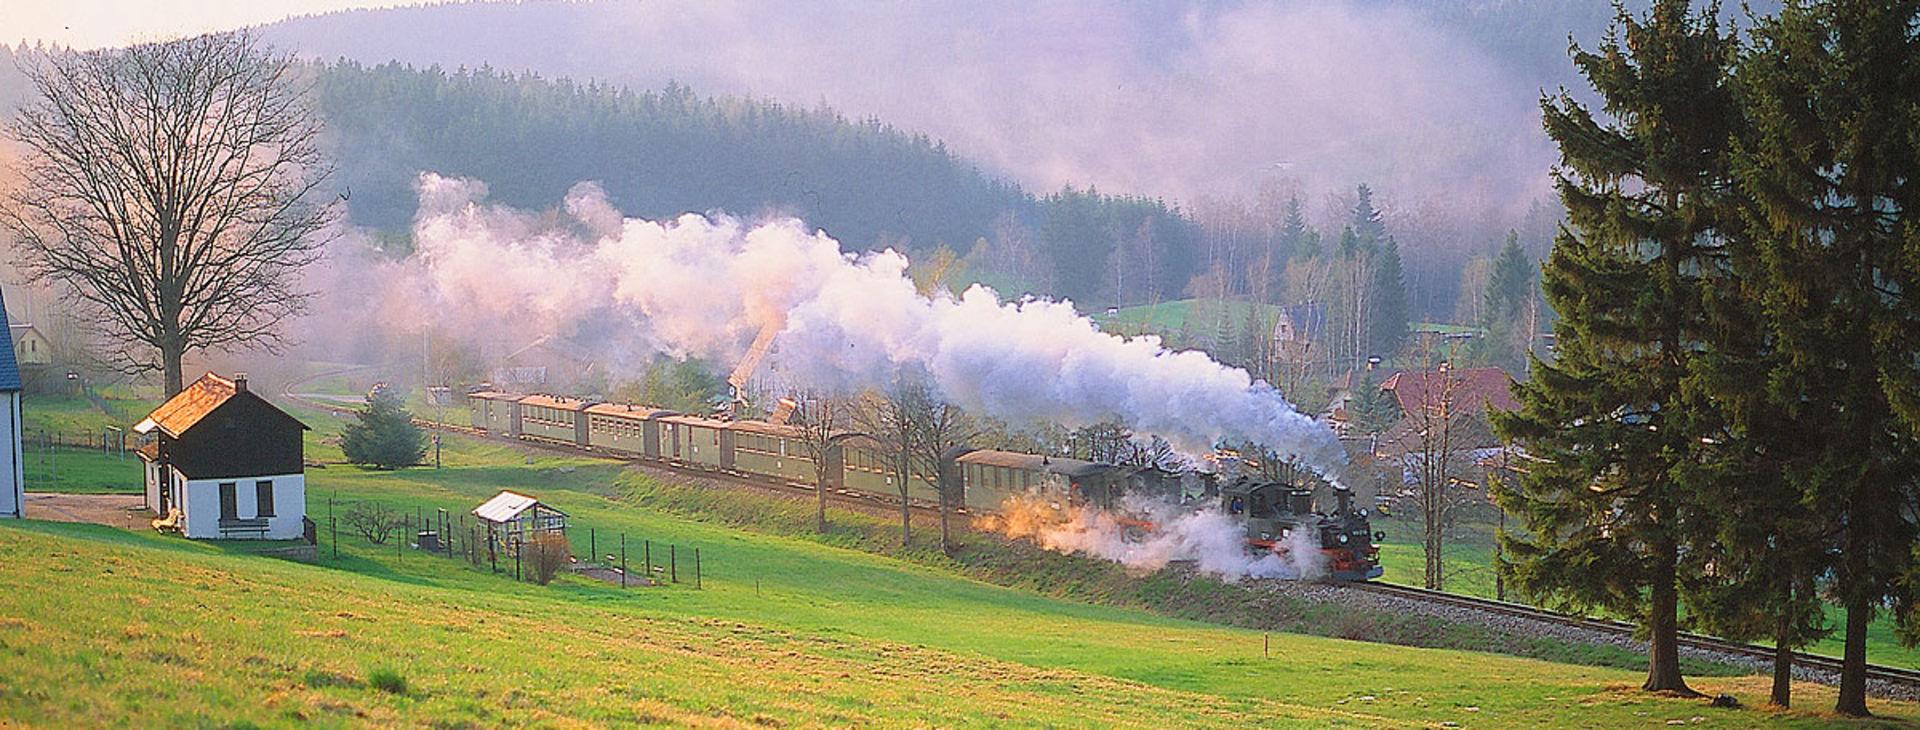 Dampfzug auf der Museumsbahn Schönheide.  © Rotkopf Görg Verlagsgesellschaft mbH - A Linz